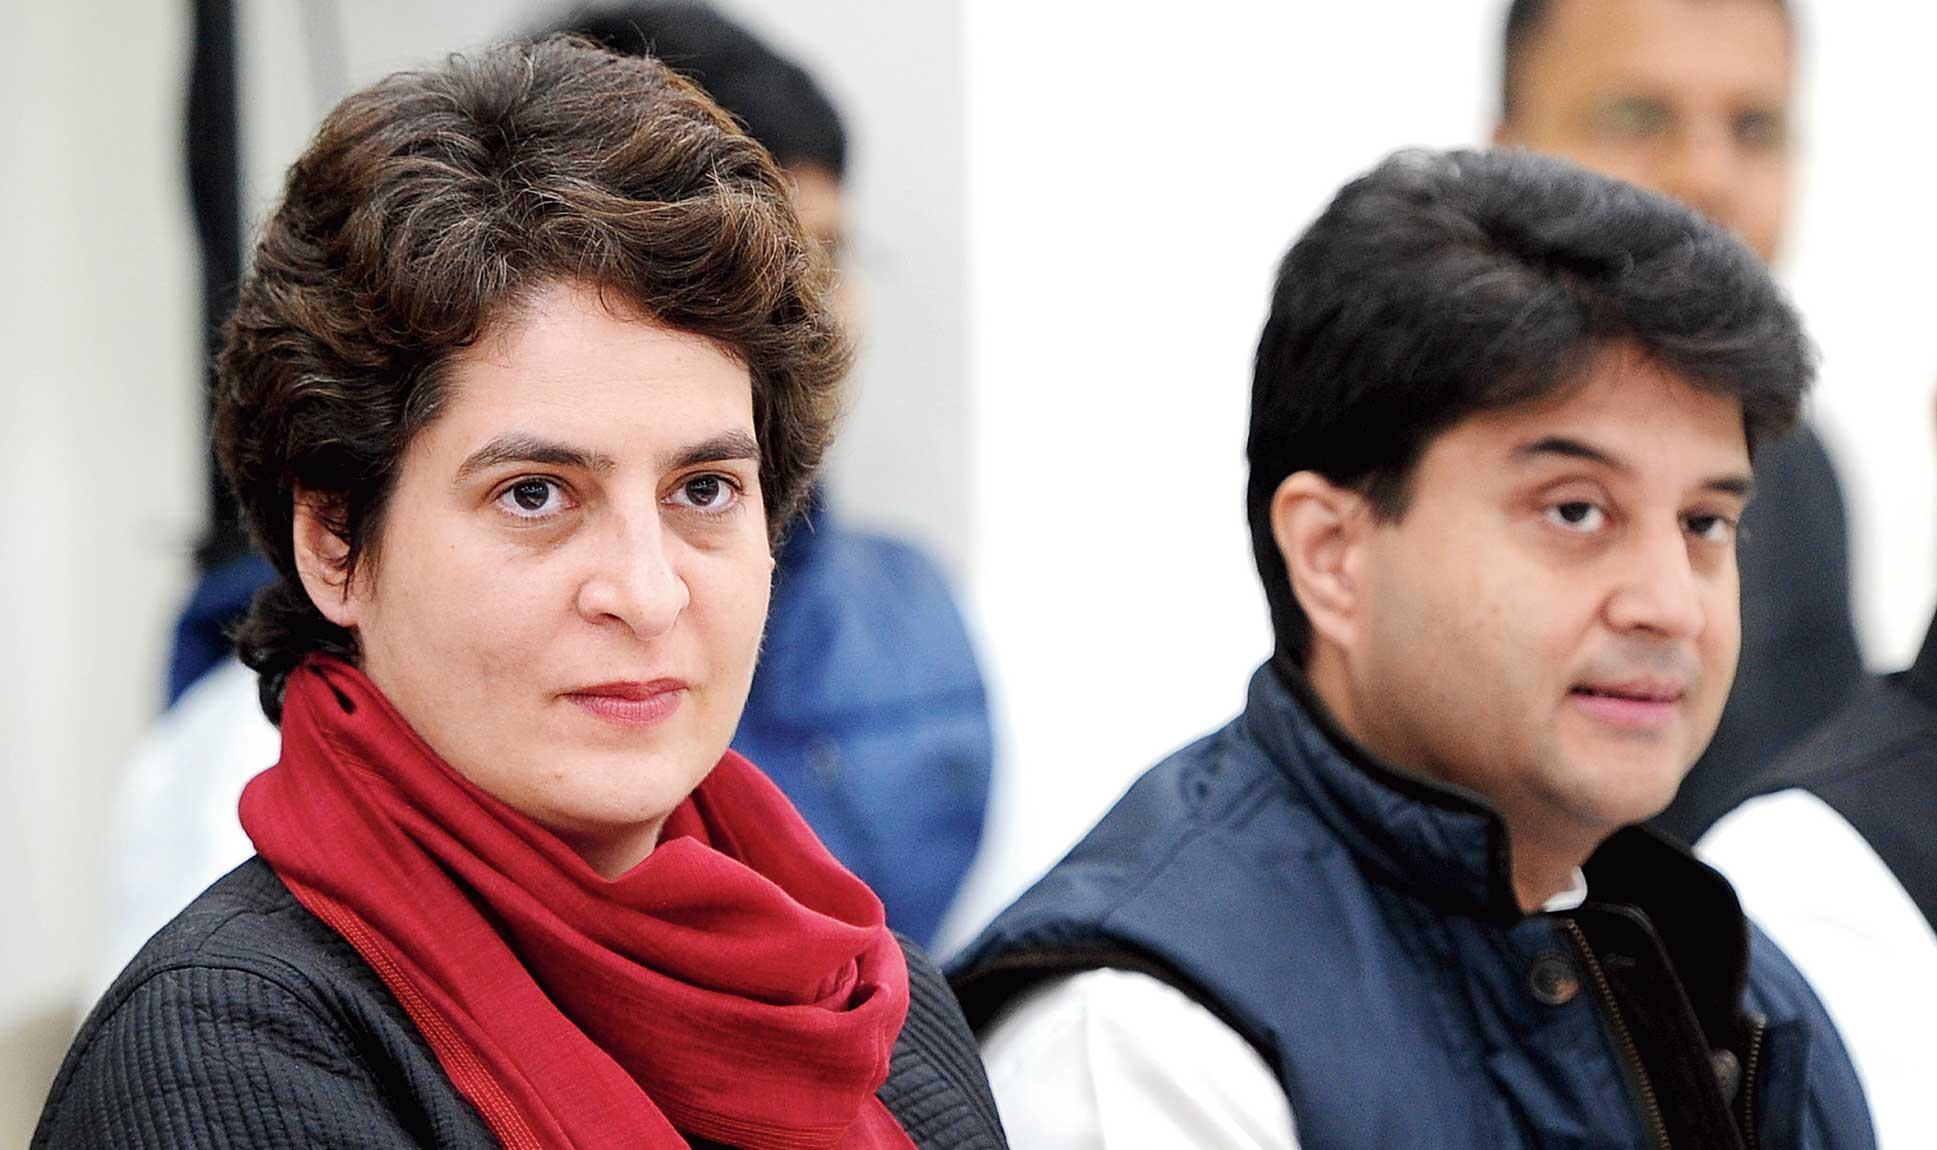 Priyanka Gandhi Vadra and Jyotiraditya Scindia at a Congress meeting.